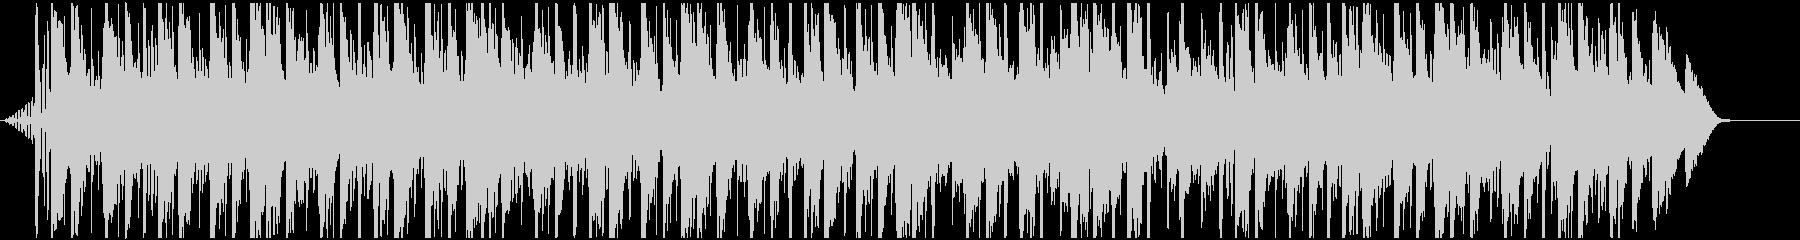 木琴と環境音のチルホップの未再生の波形